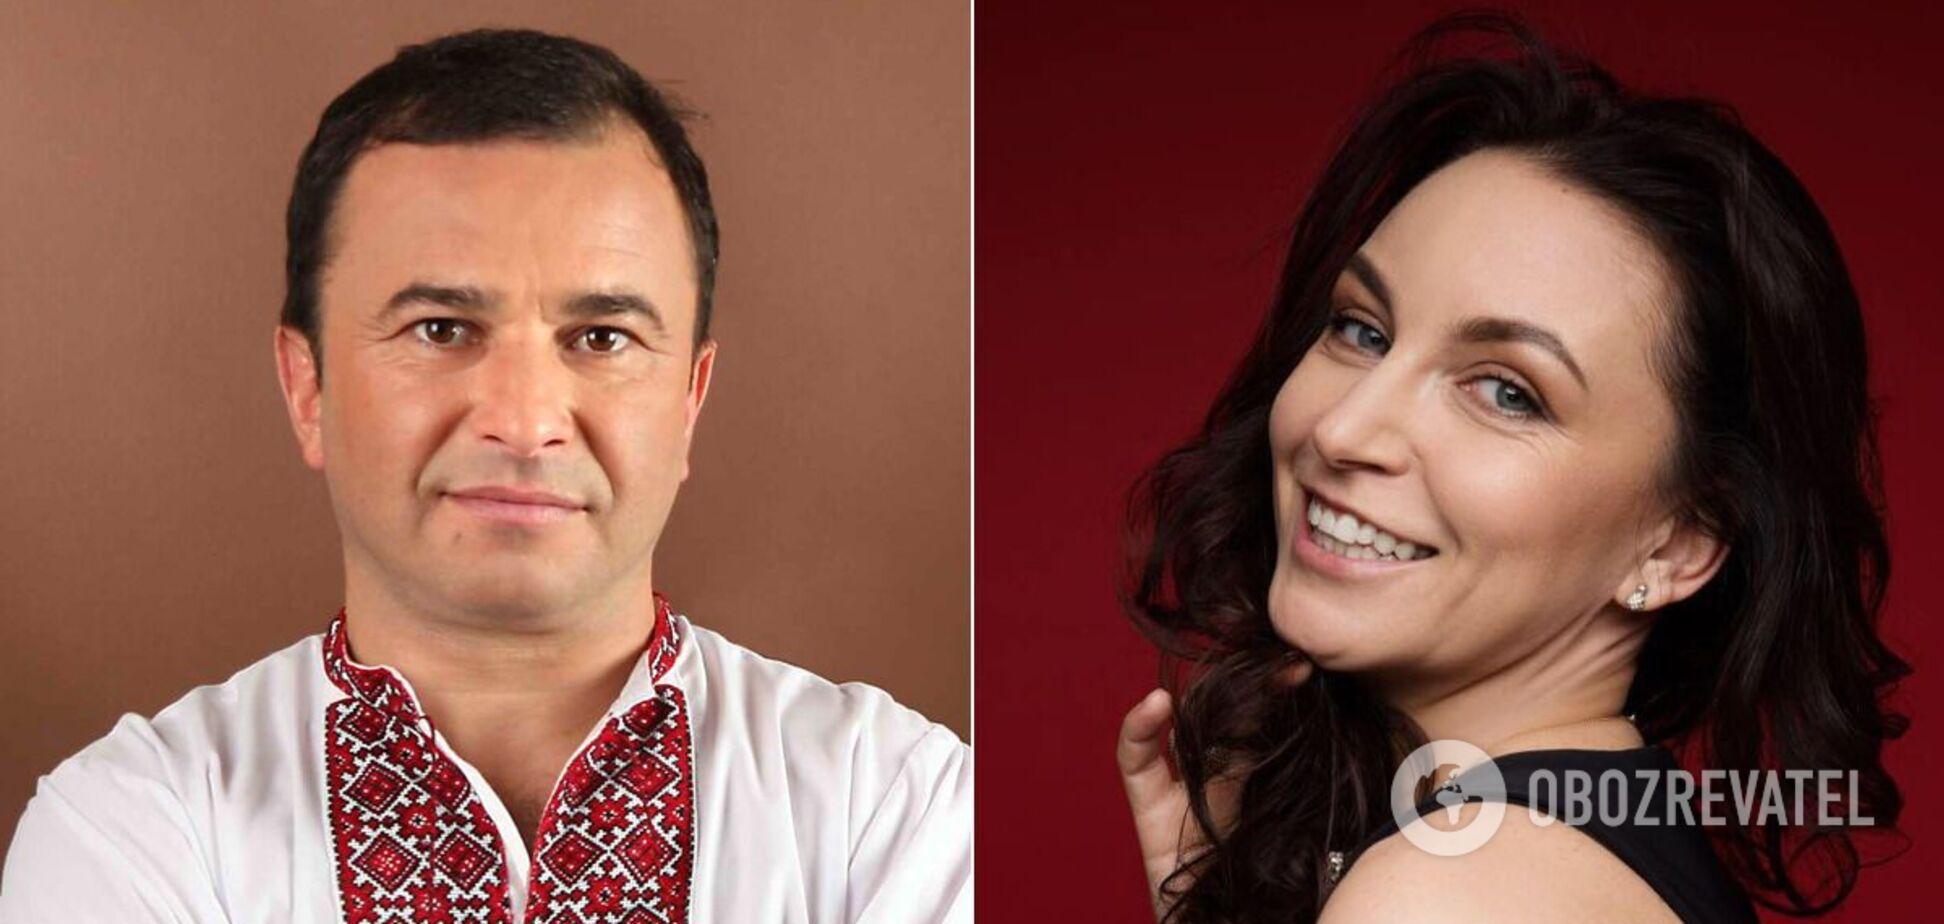 Віктор Павлік та Лора Созаєва